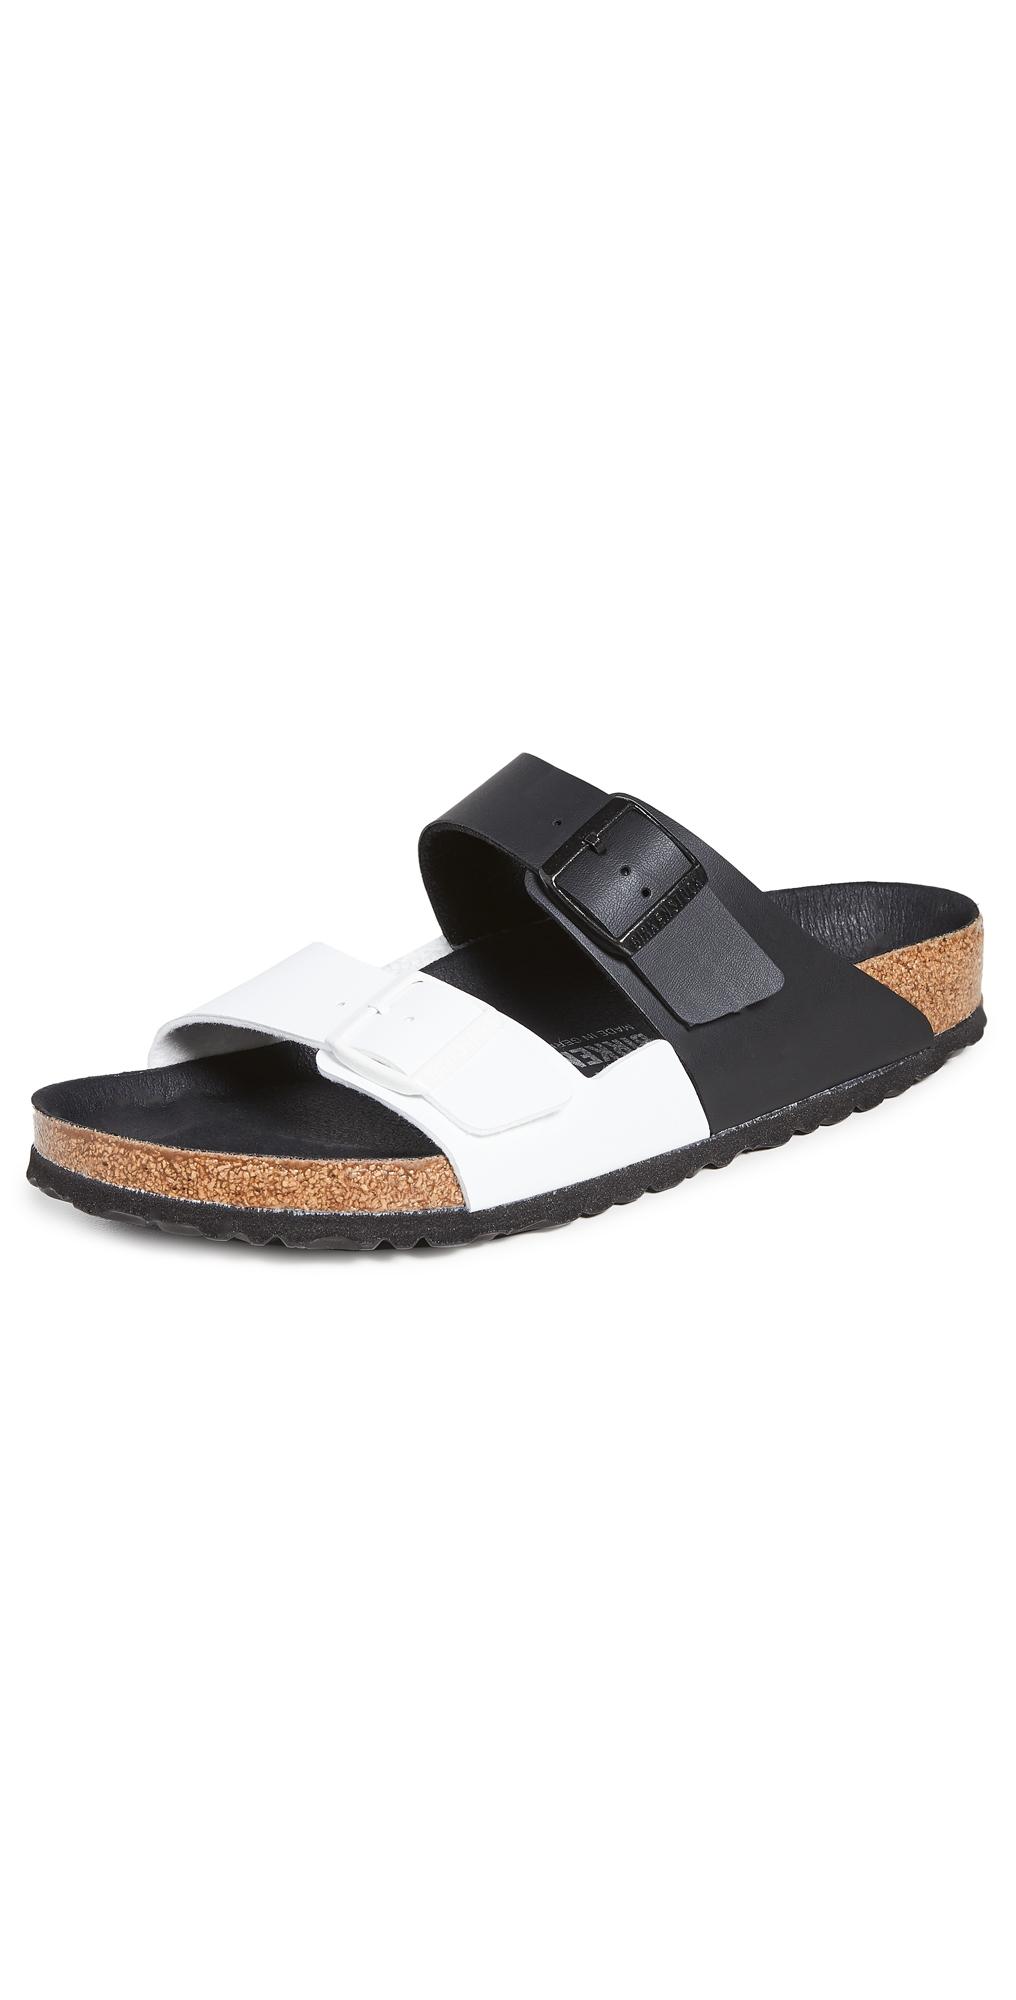 Birkenstock Sandals ARIZONA SPLIT SANDALS